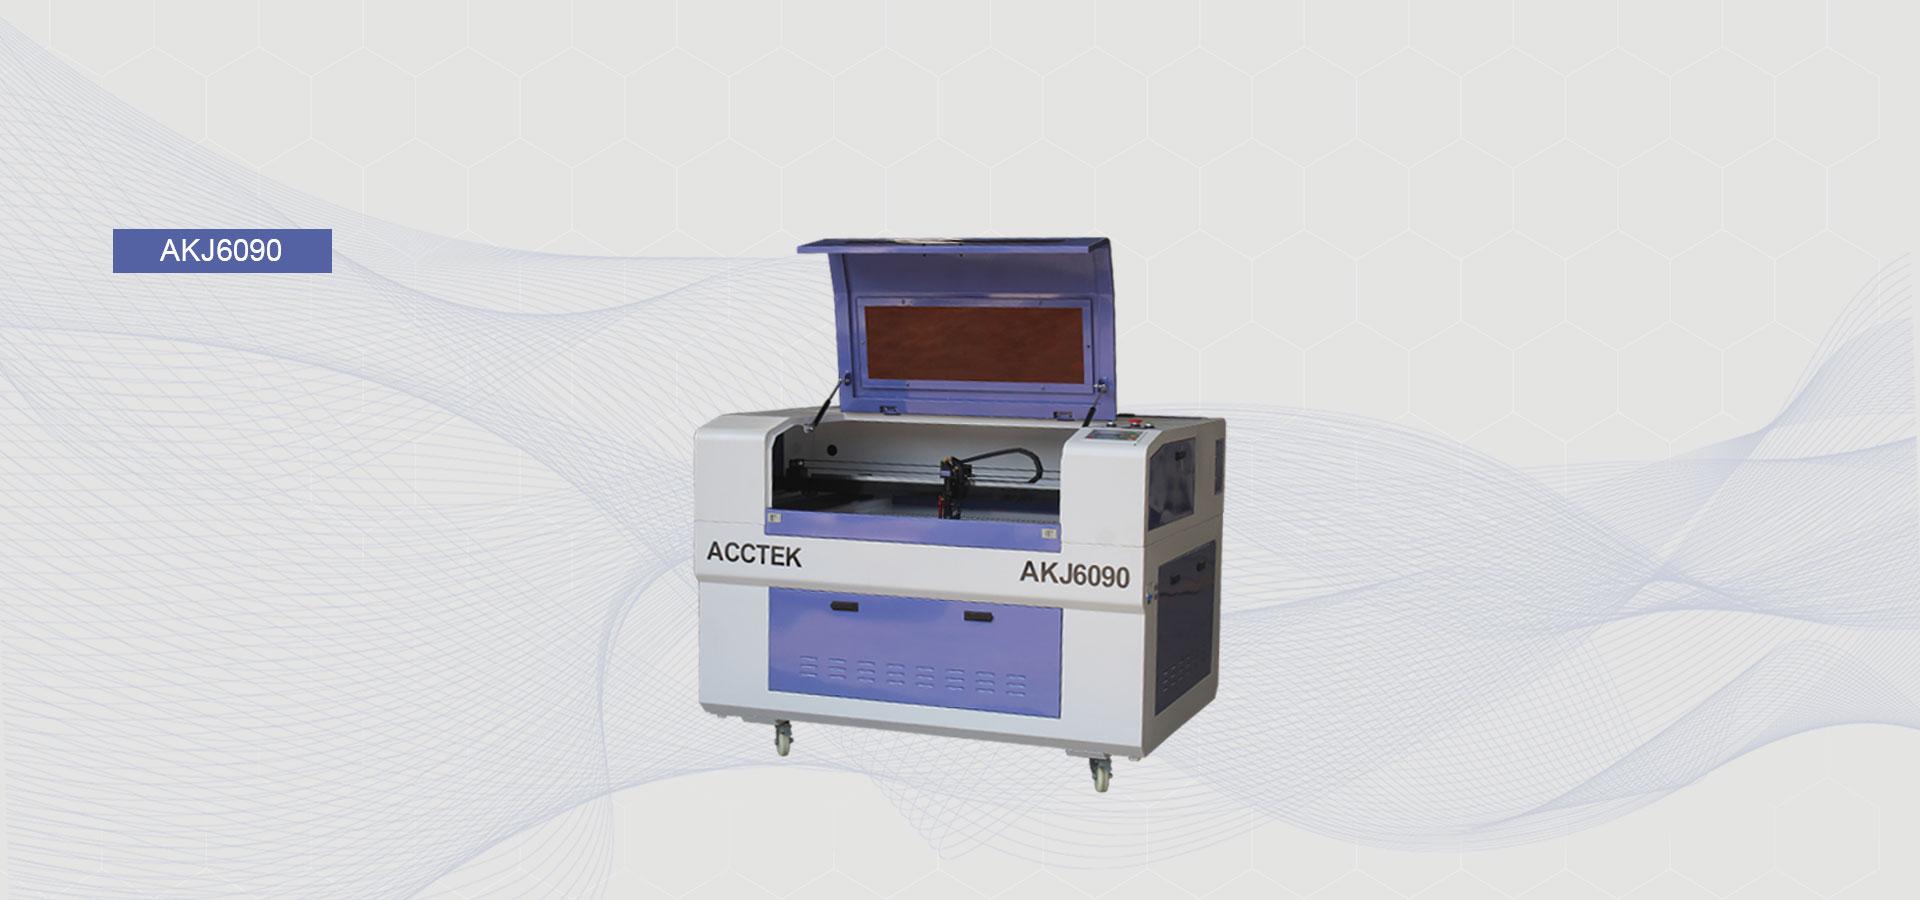 AKJ6090